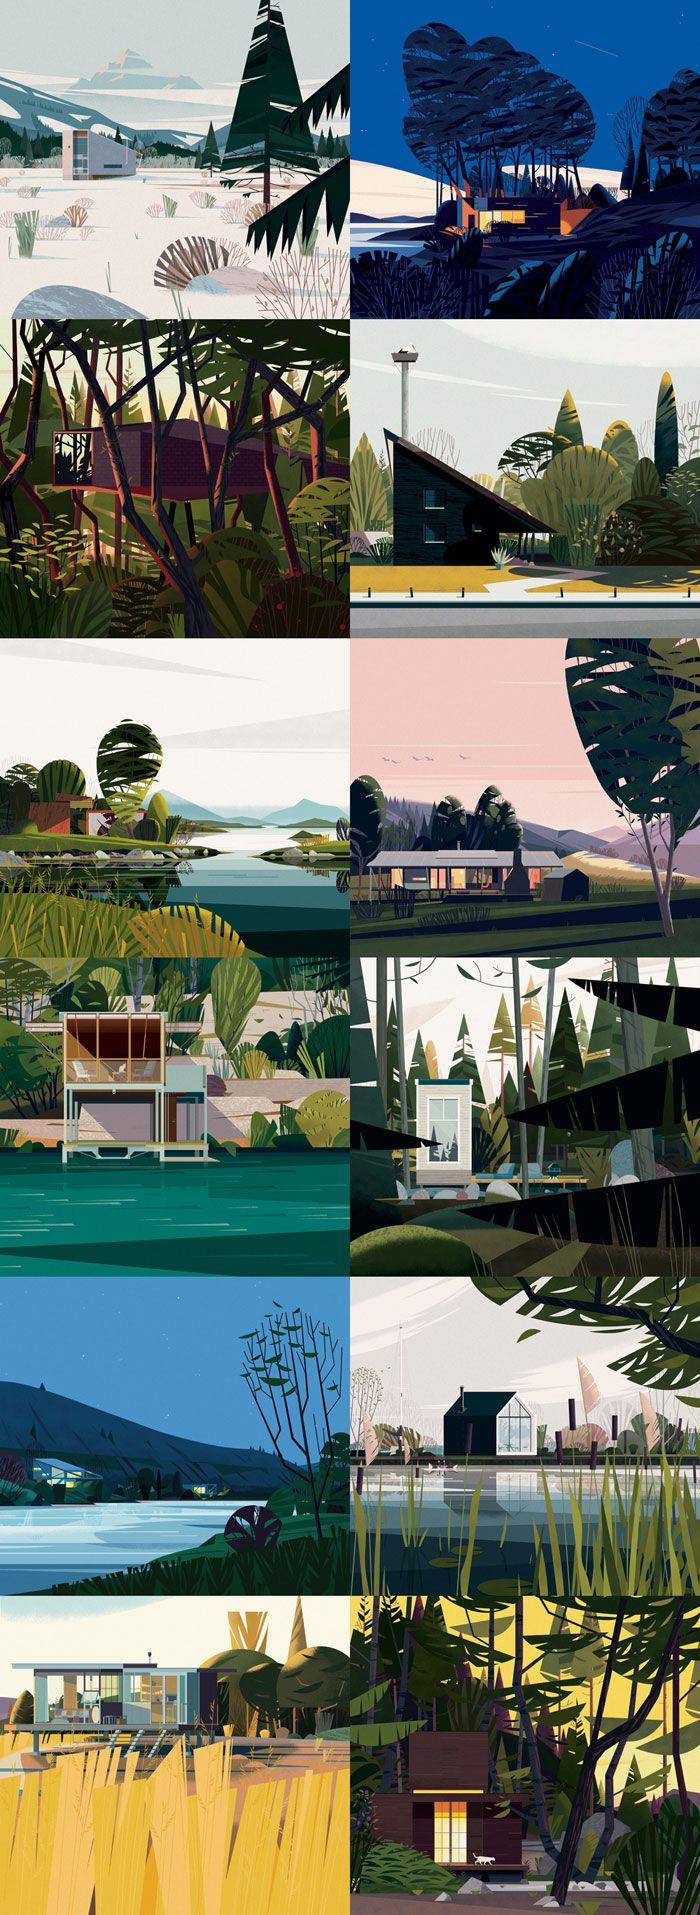 Les cabanes de Cruschiform  Cruchiform, un studio français fondé par Marie-laure Cruschi, a créé les 60 illustrations de cabanes d'architectes qui ouvrent les chapitres d'un livre de Philip Jodidio chez Taschen qui présente le meilleur des cabanes du monde.